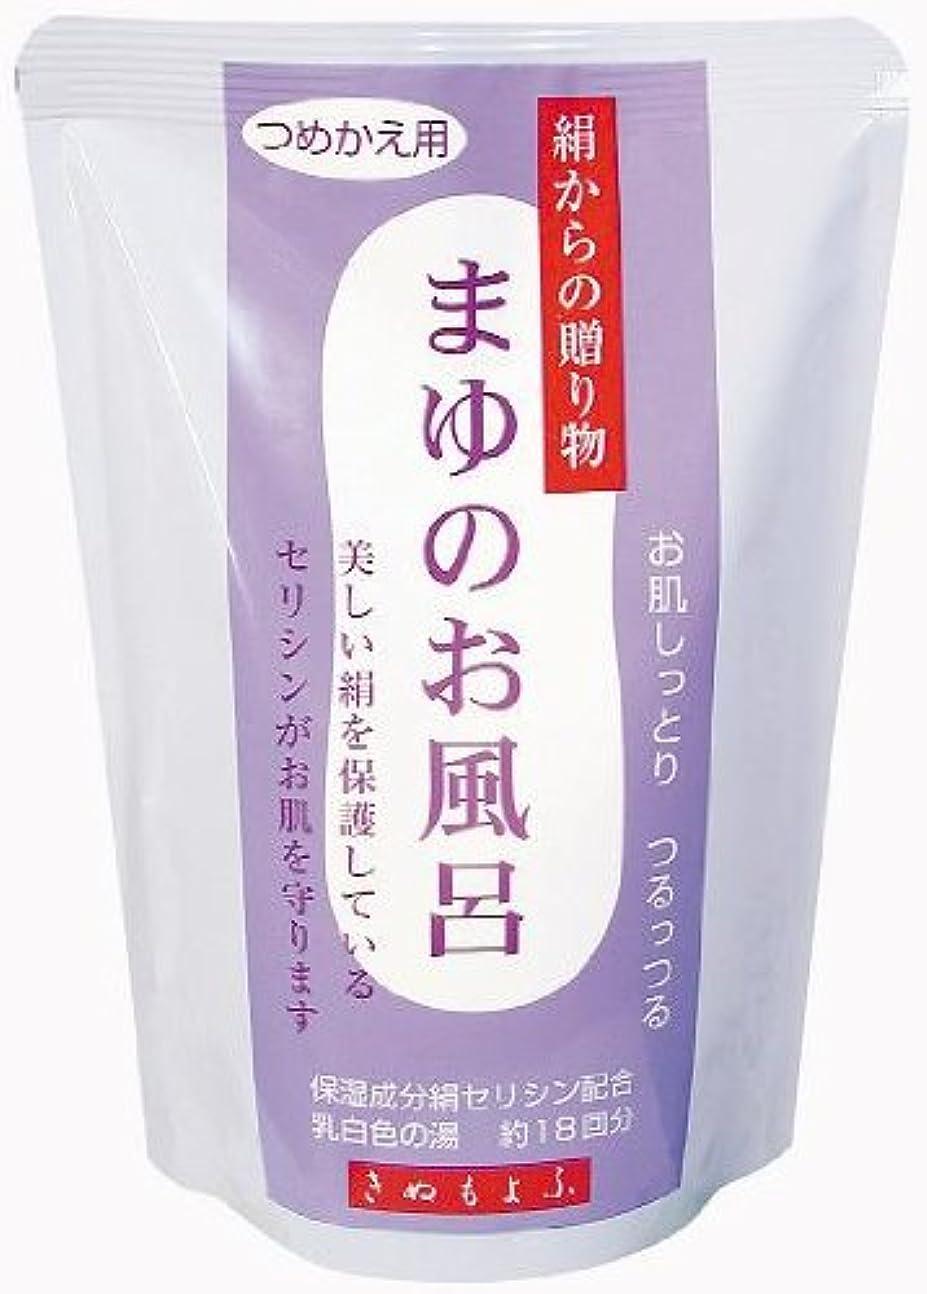 ものオリエンテーションパンチまゆシリーズ きぬもよふ まゆのお風呂詰替 浴用化粧料 450ml(約18回分)